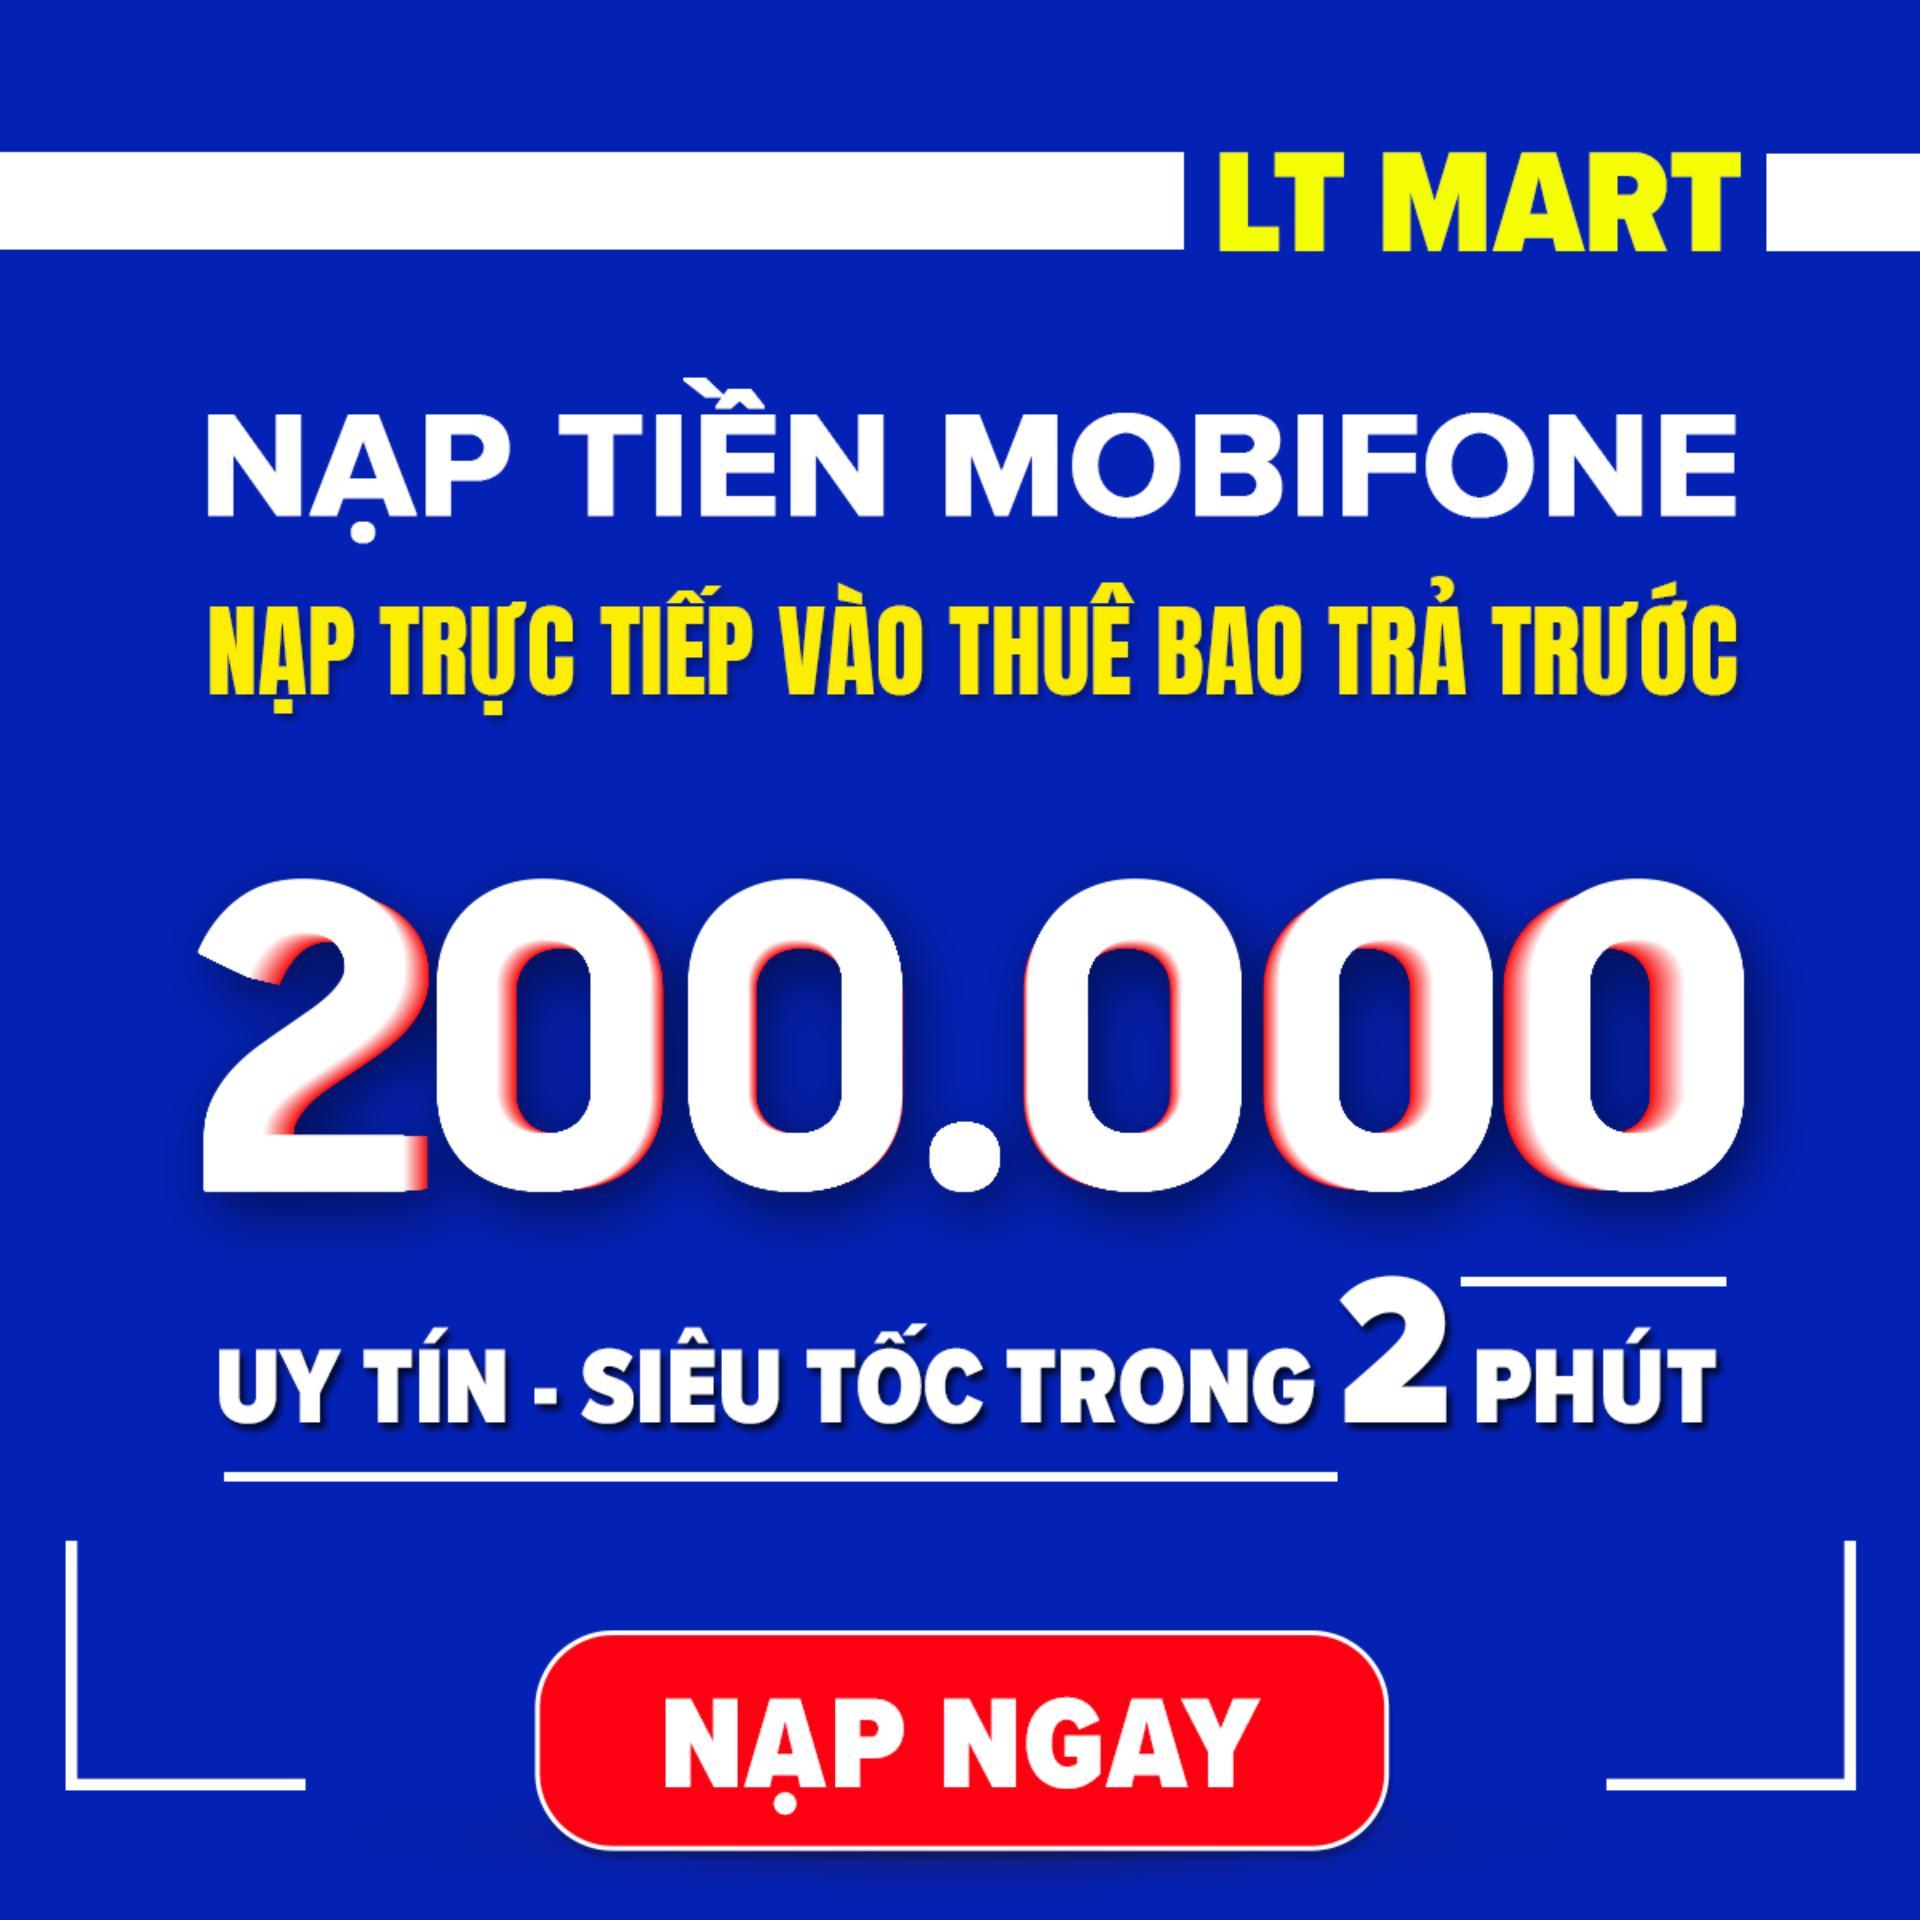 Nạp tiền Mobifone  200.000 thuê bao trả trước của Mobifone Ltmart (Nạp tiền trực tiếp vào thuê bao Mobifone trả trước) nạp tiền điện thoại.Thẻ nạp điện thoạithẻ cào [Mobifone][200000]